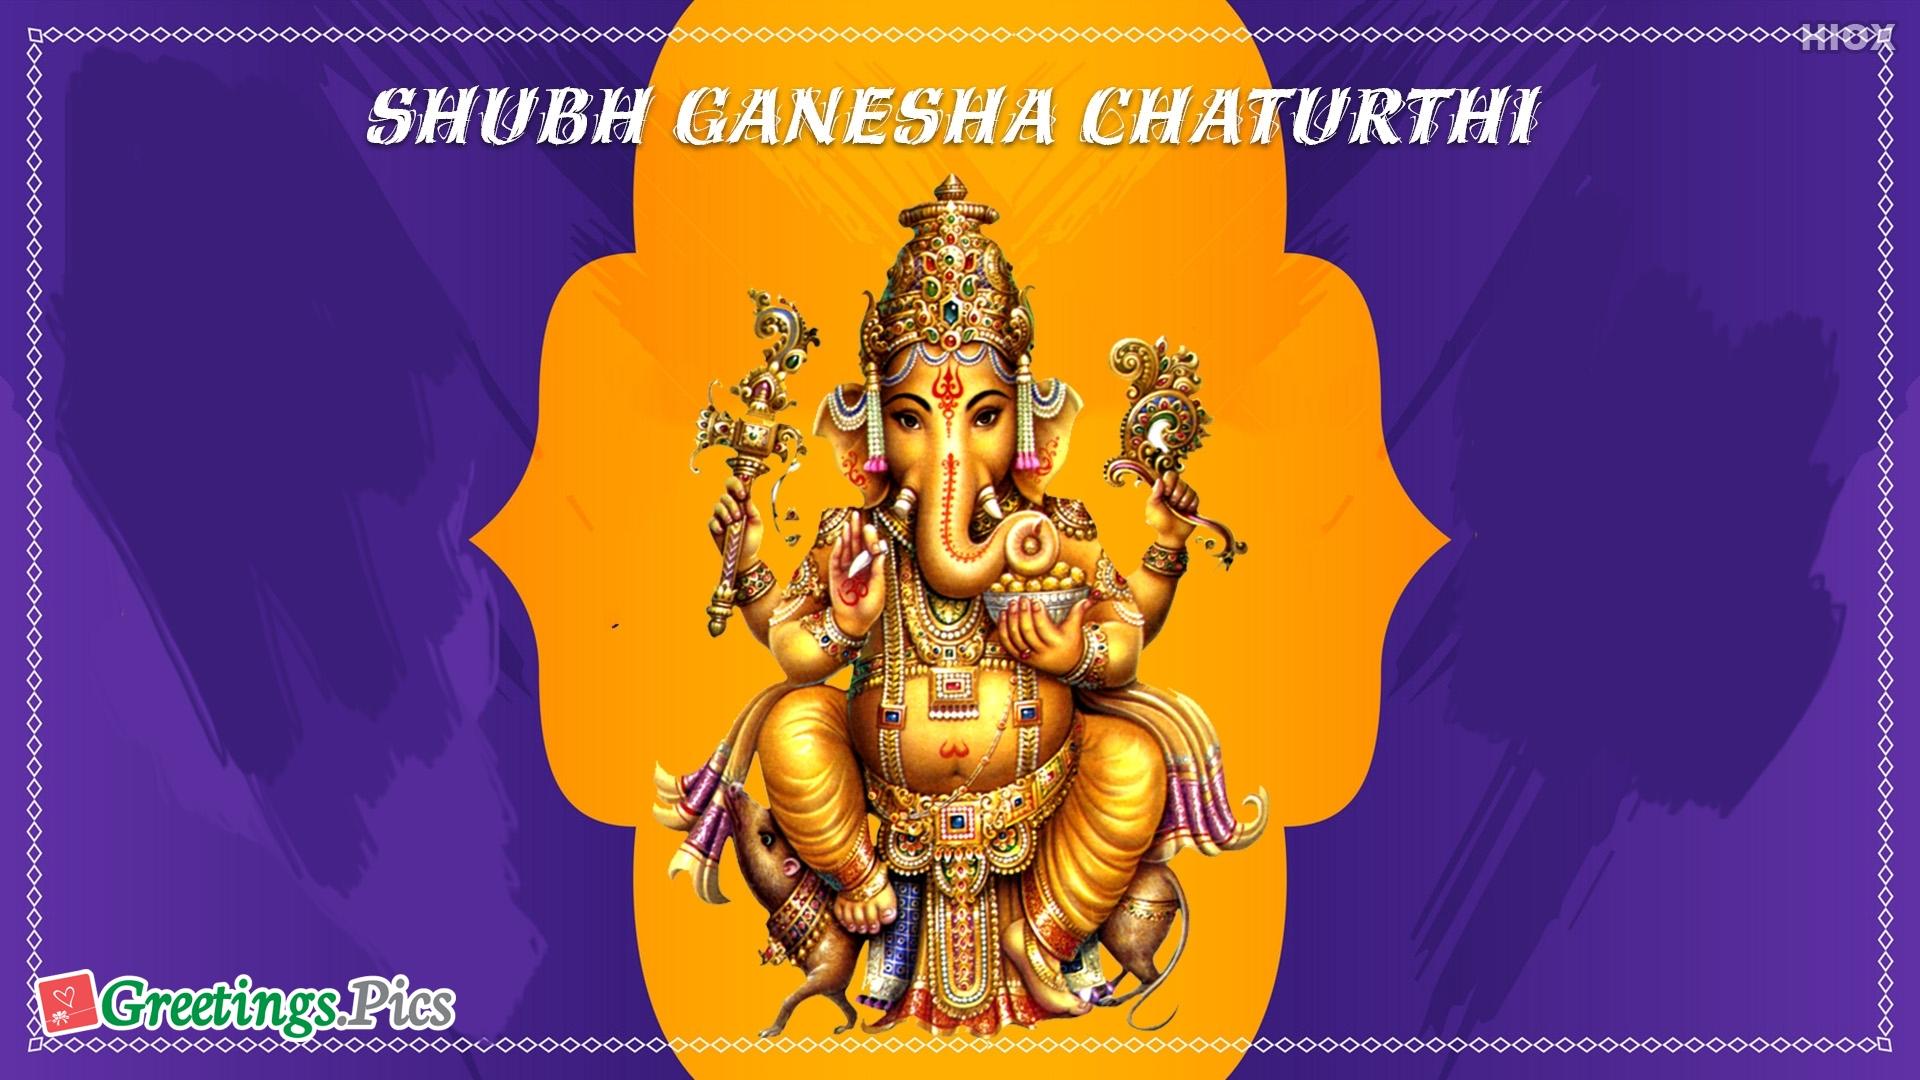 Shubh Ganesha Chaturthi Whatsapp Status